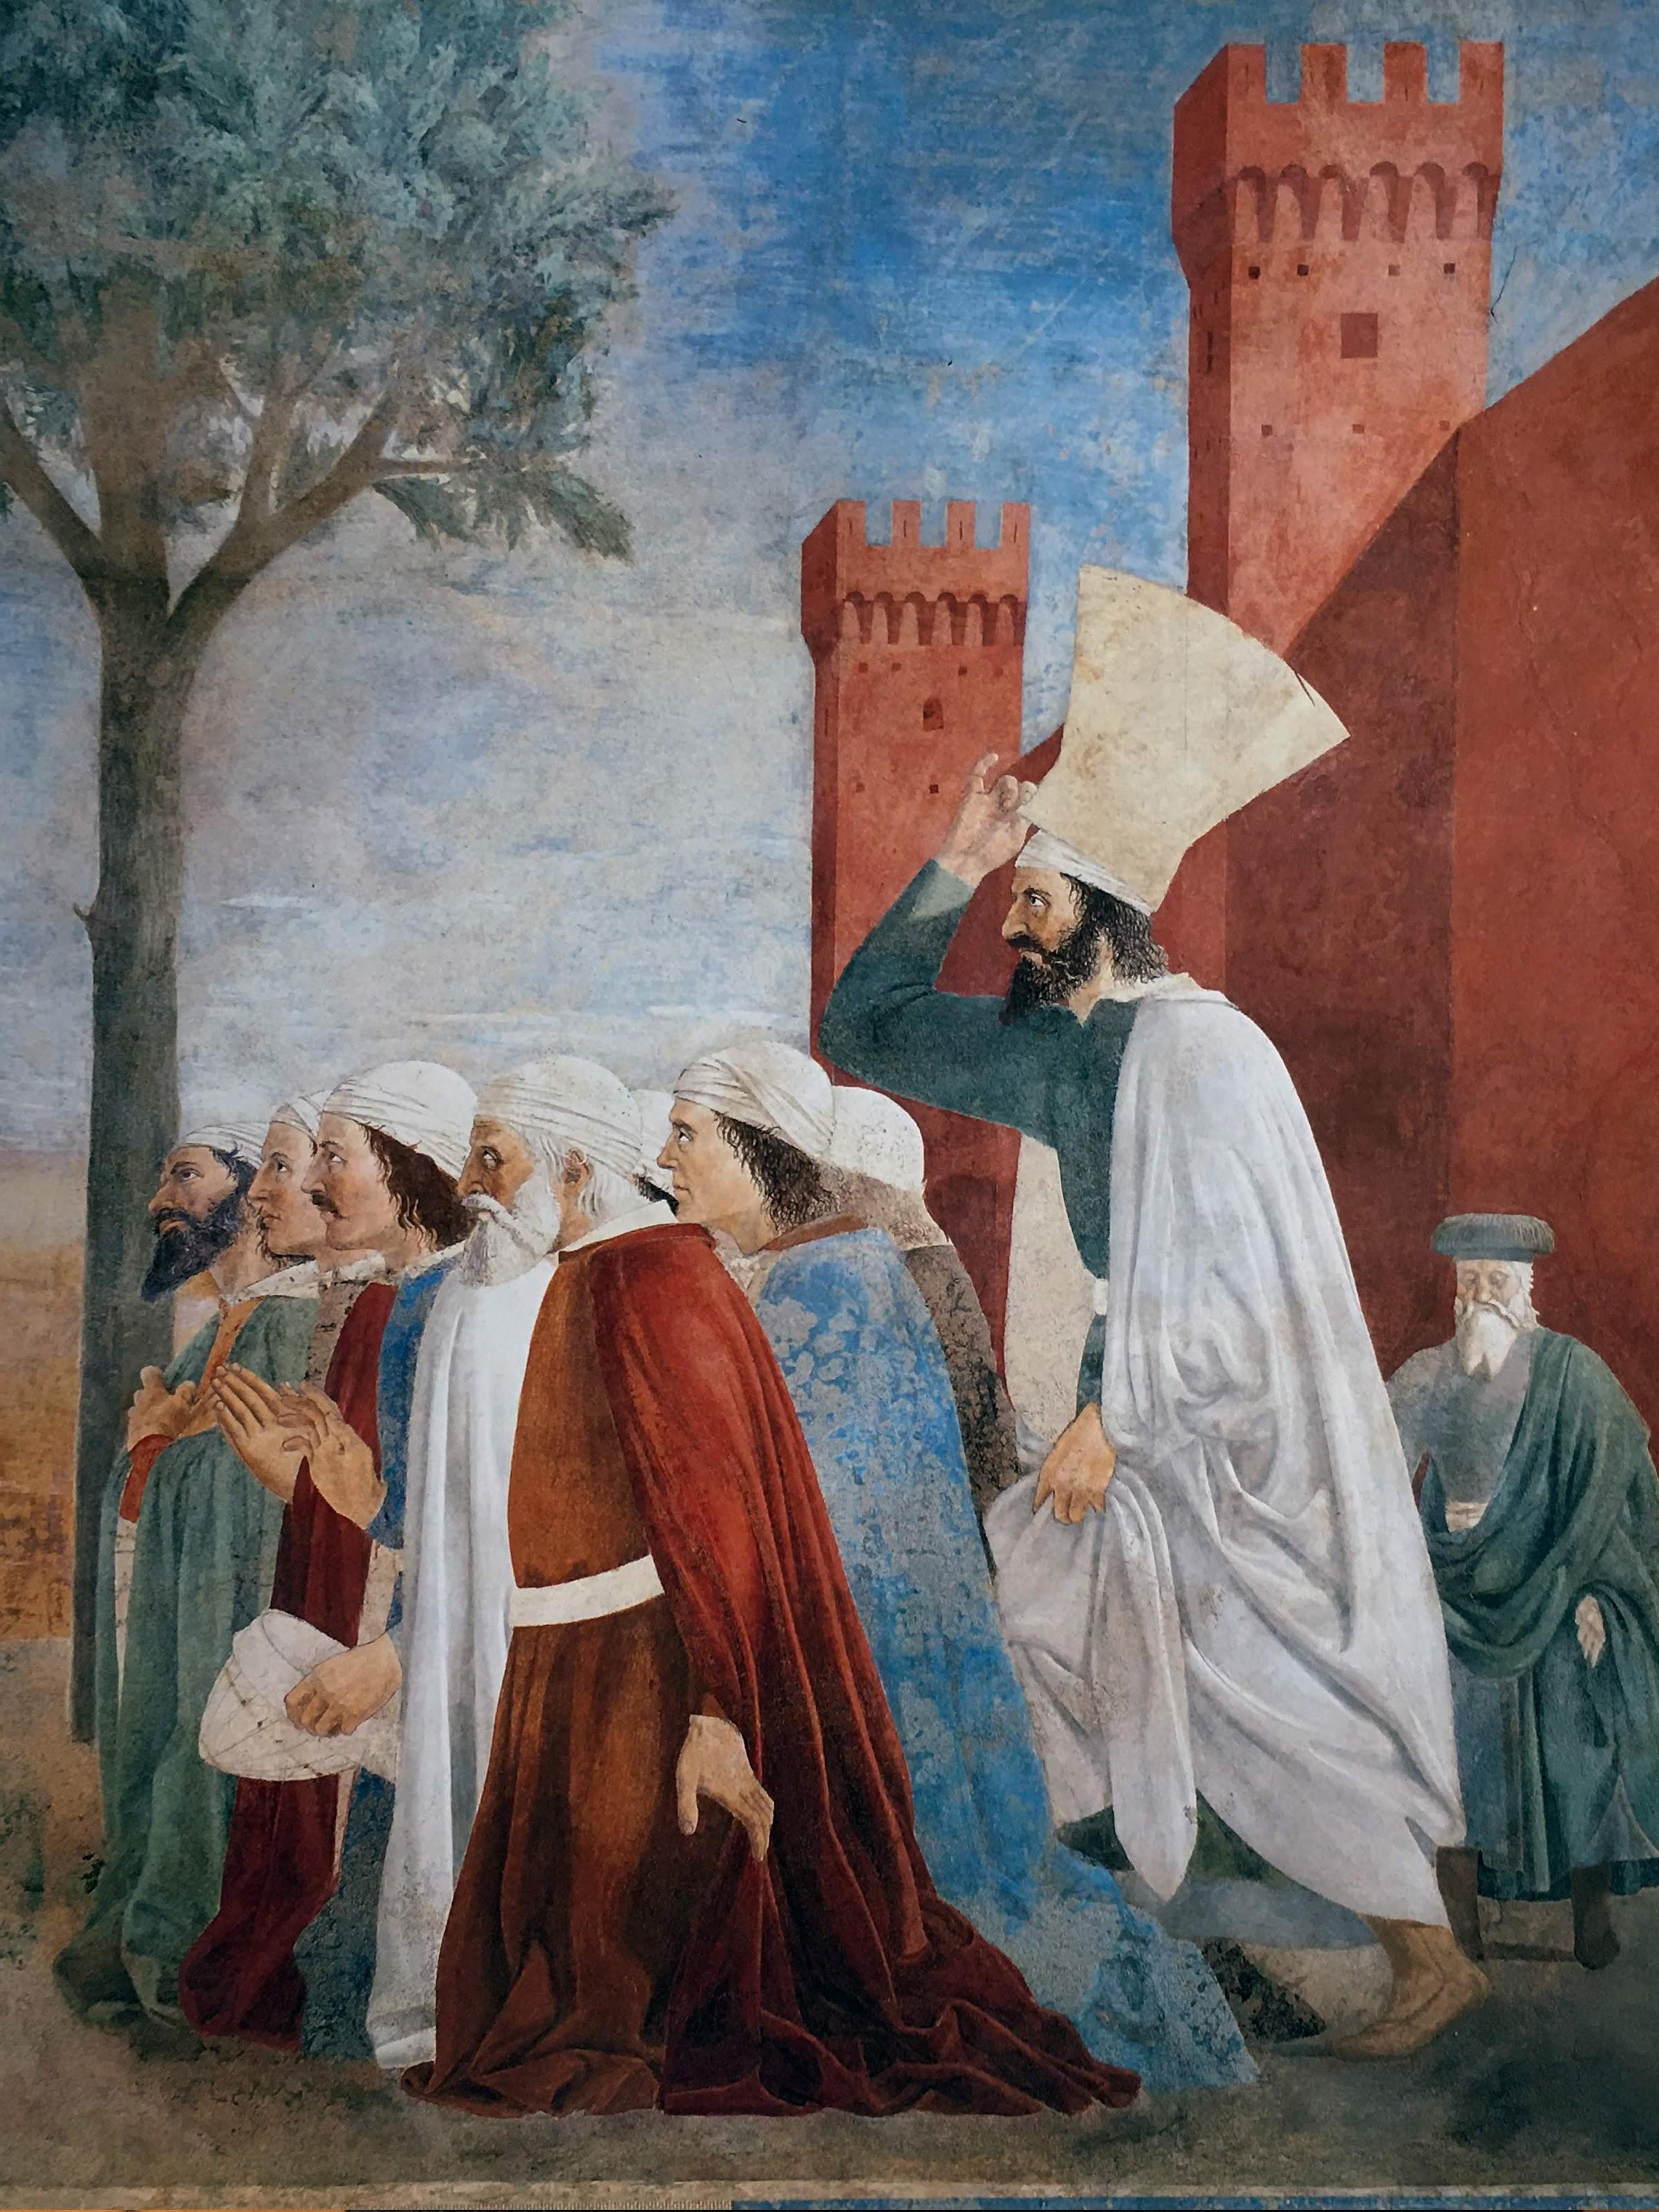 Piero della Francesca, Le Storie della Vera Croce, Esaltazione della croce, (particolare, un gruppo di uomini si inginocchia davanti alla croce in venerazione)